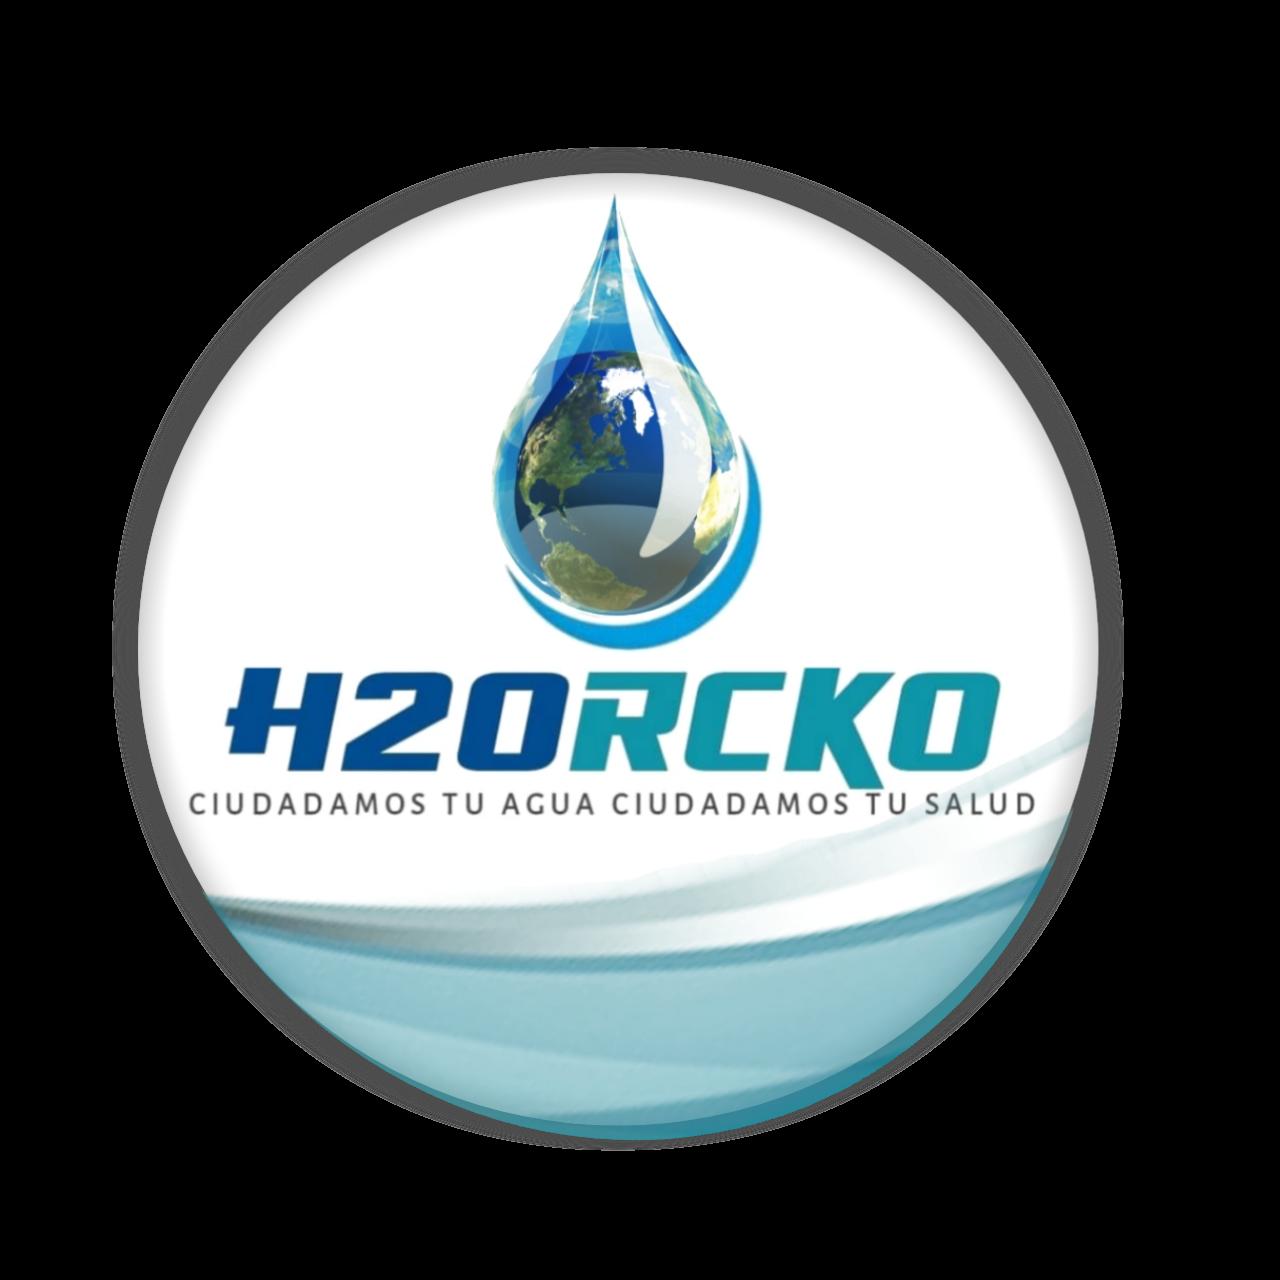 H2Orcko